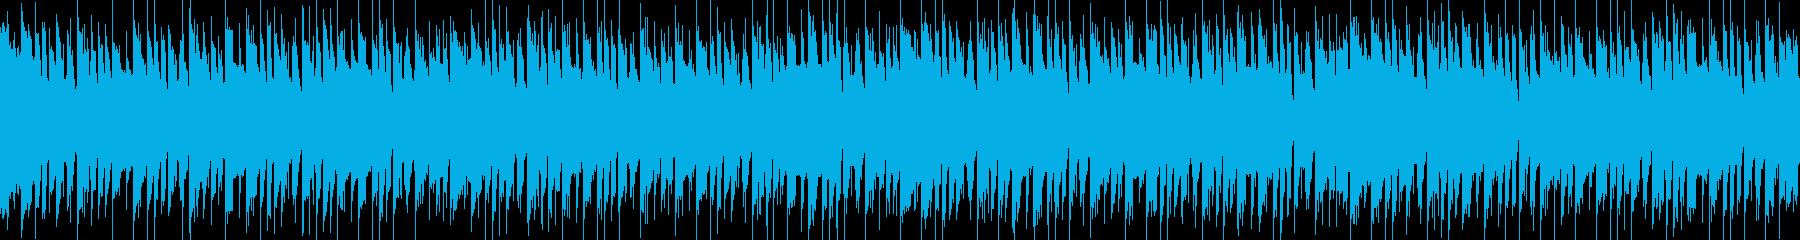 ポップで可愛らしいBGMの再生済みの波形